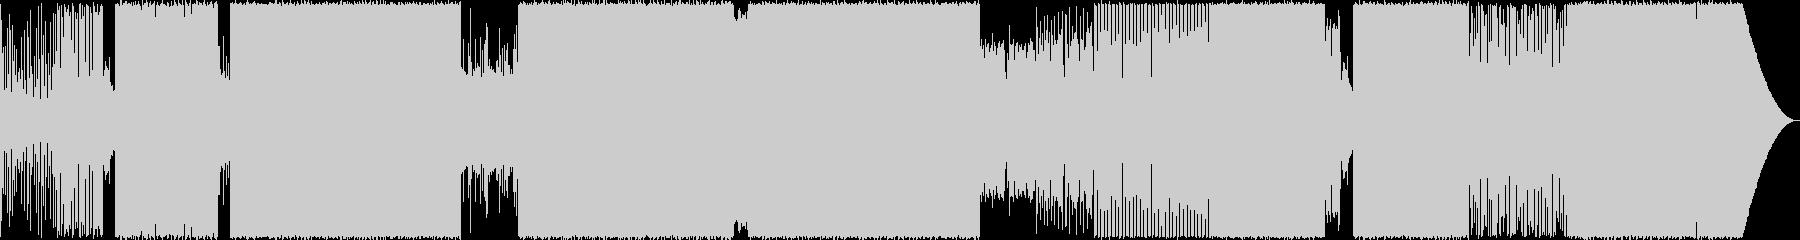 エキゾチックなEDMの未再生の波形